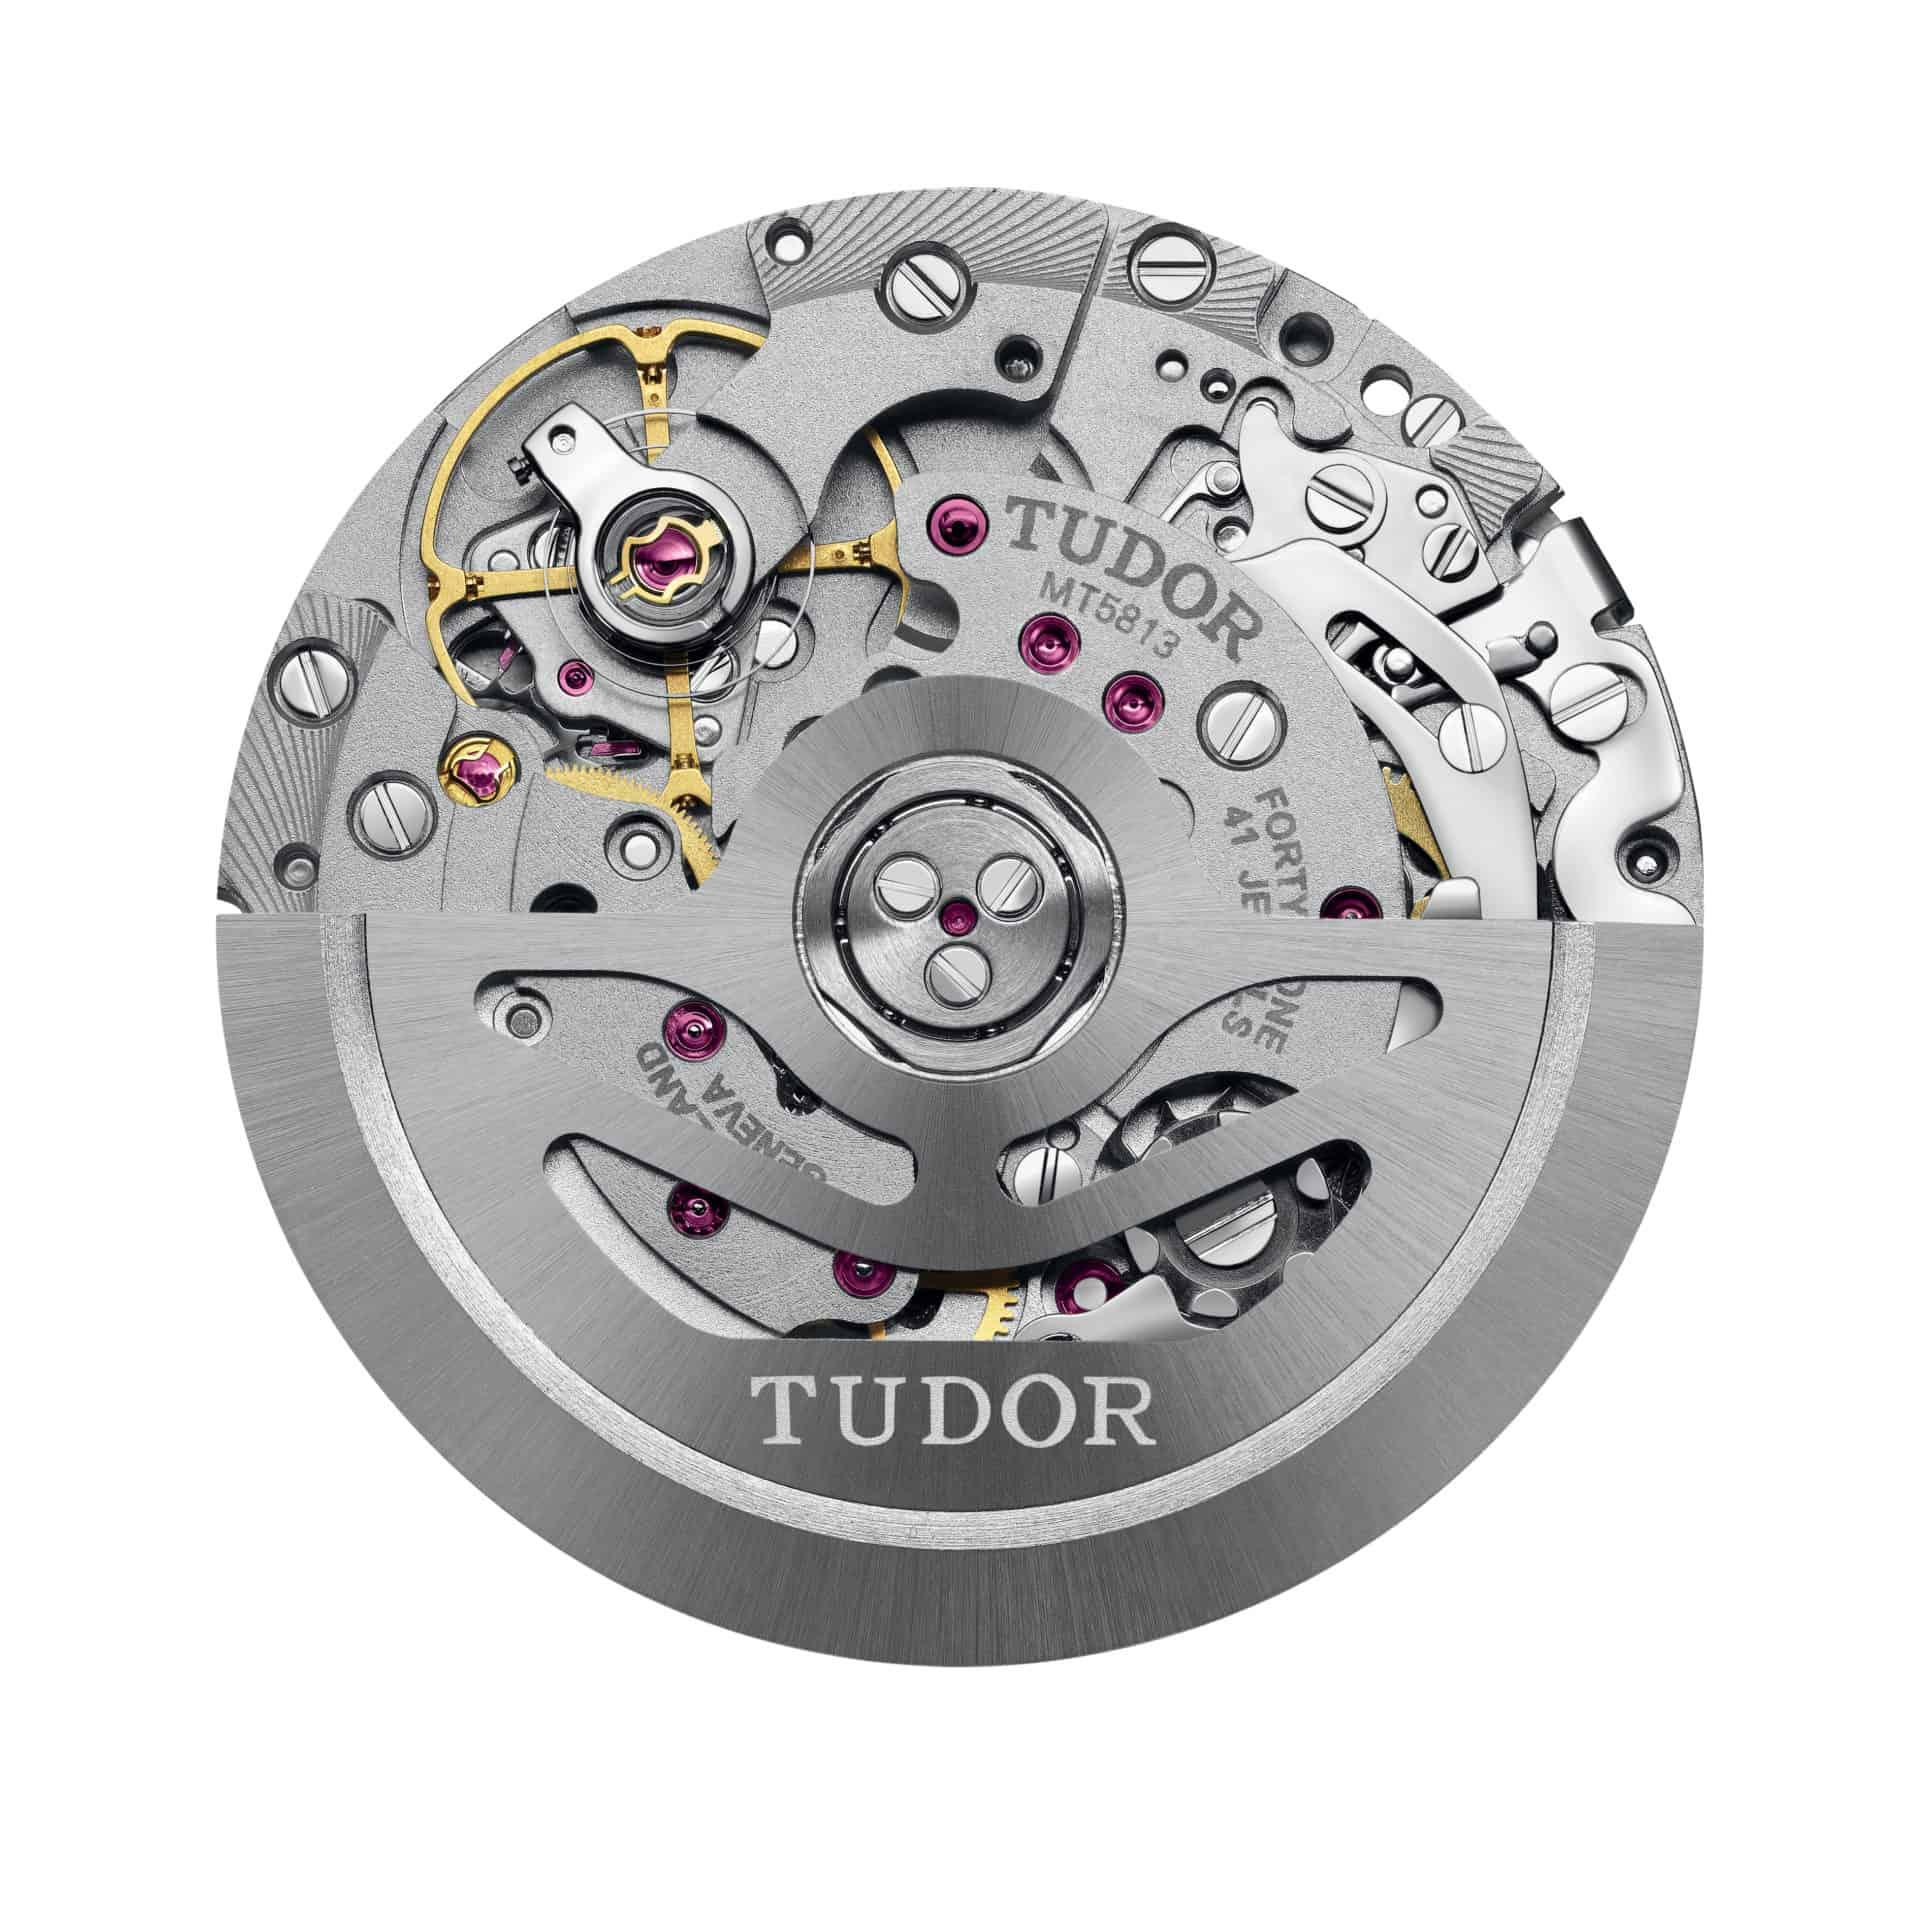 Das überarbeitete Kaliber MT5813 von Tudor